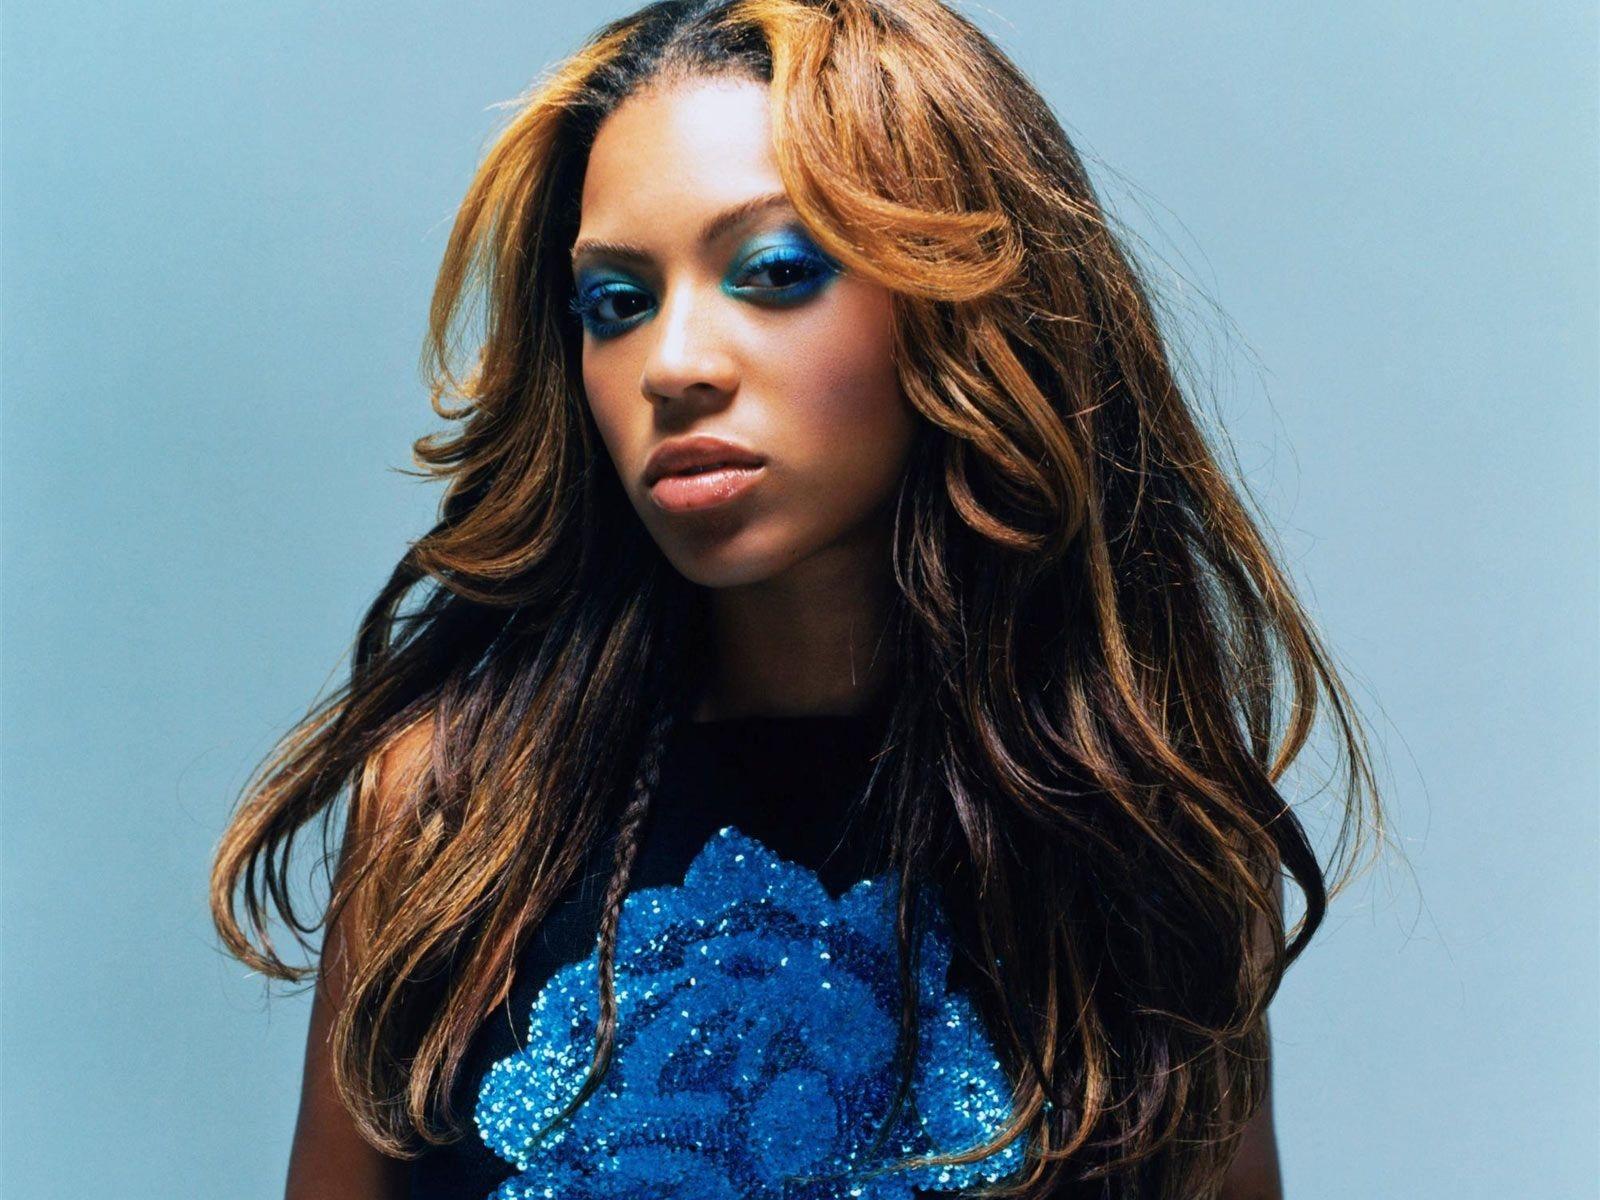 Wallpaper di Beyoncé Knowles 8